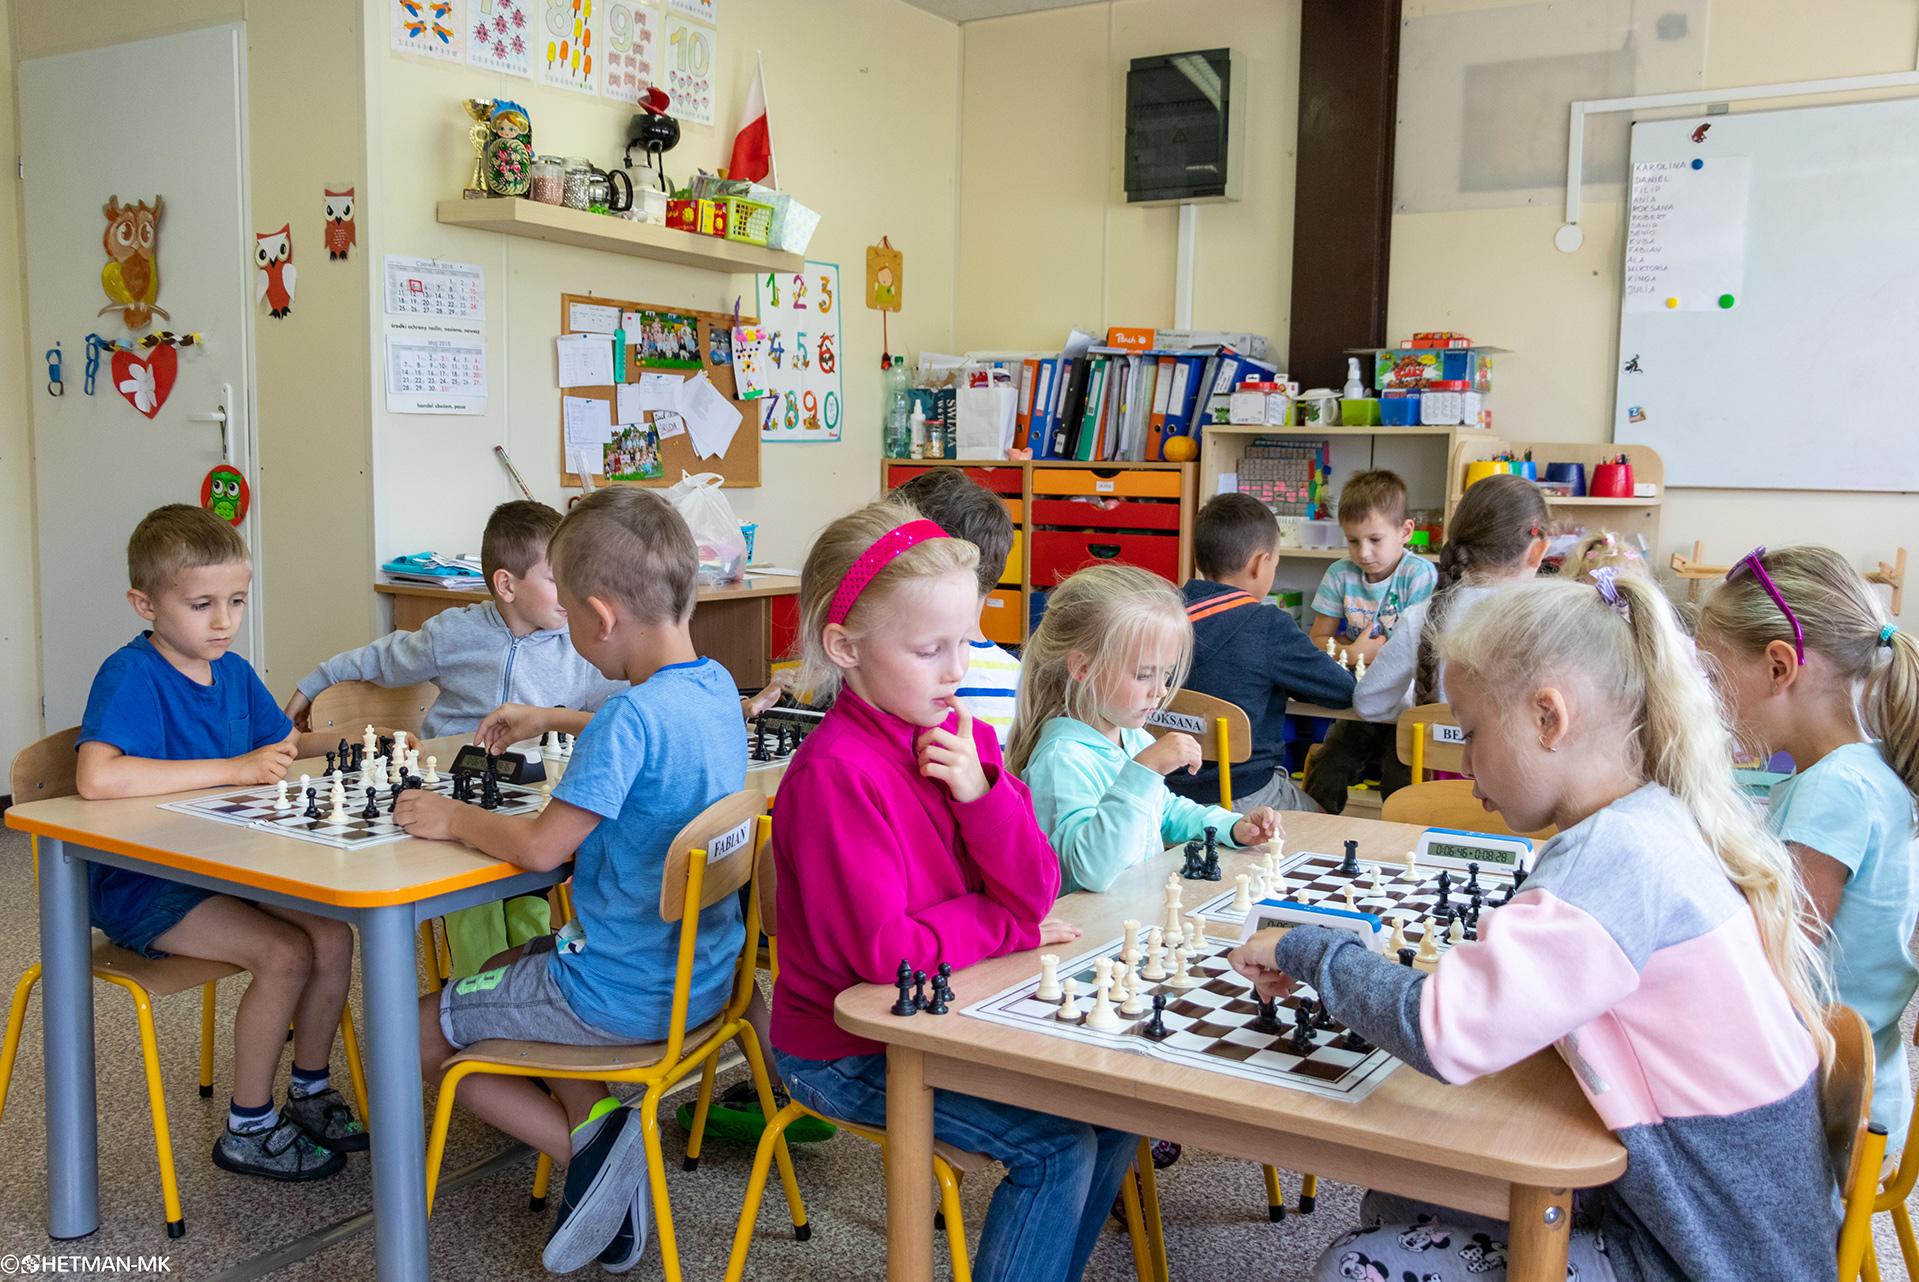 VI Szachowe Mistrzostwa Przedszkola Frajda, Świdnica, 06.06.2018